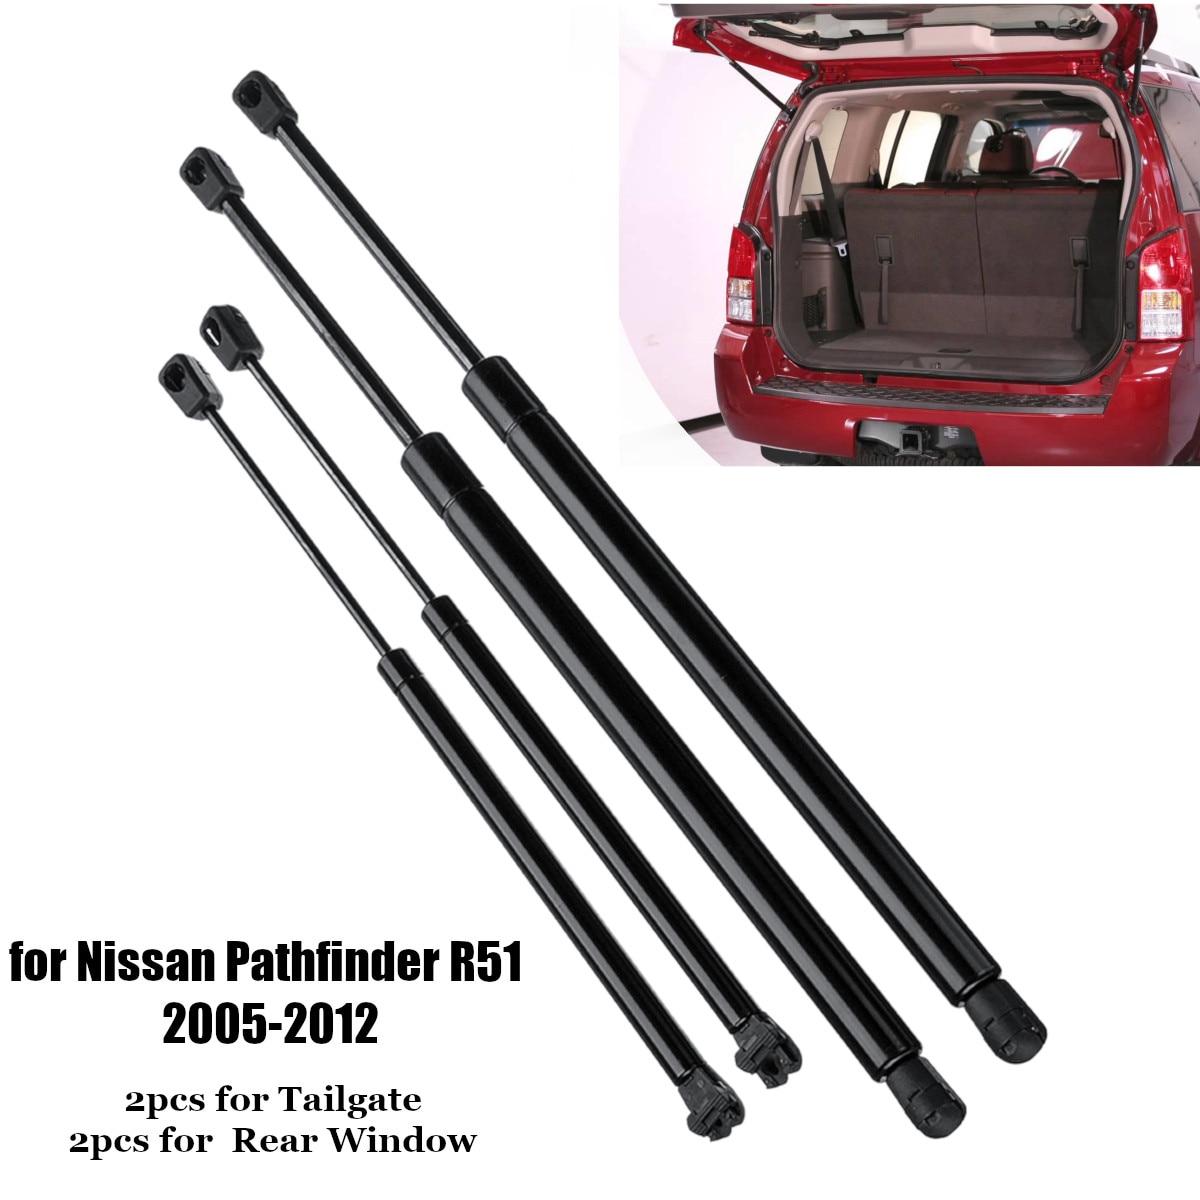 4 pcs Arrière Fenêtre + Hayon Boot Vérins À Gaz Soutien Pour Nissan Pathfinder R51 2005-2012